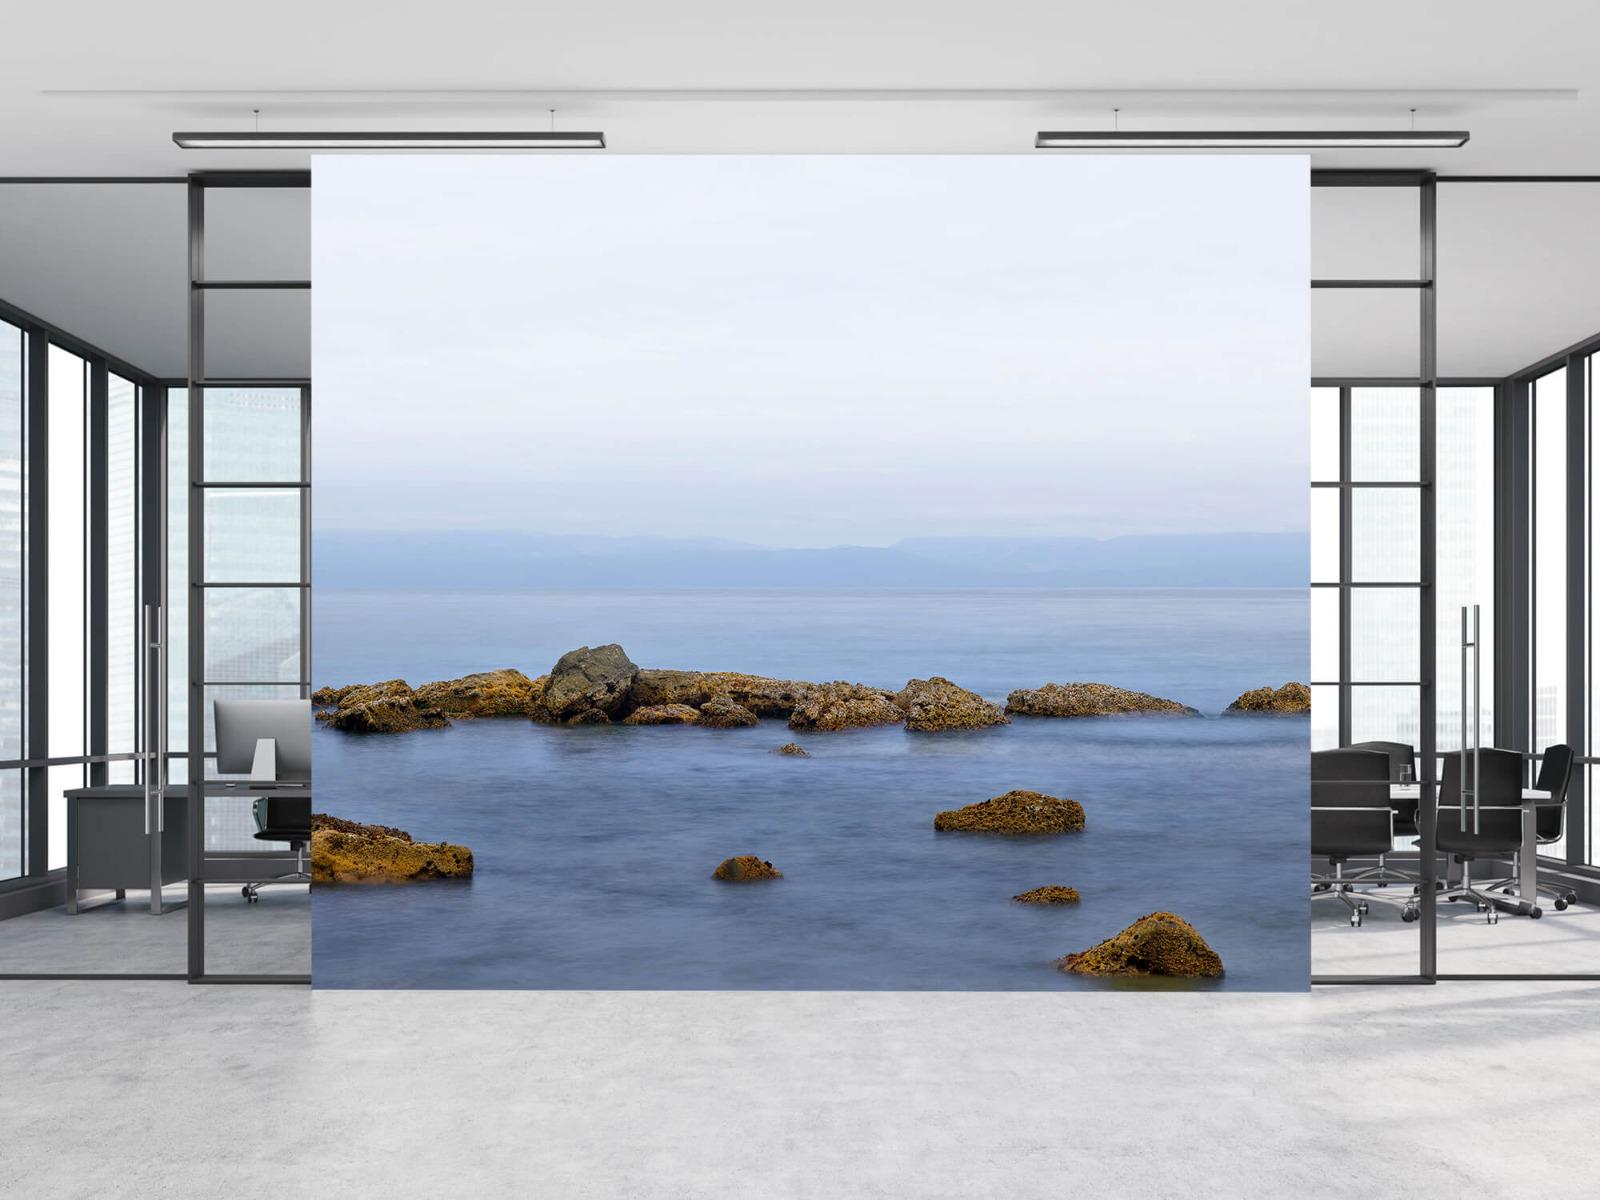 Zeeën en Oceanen - Groep rotsen - Wallexclusive - Woonkamer 8